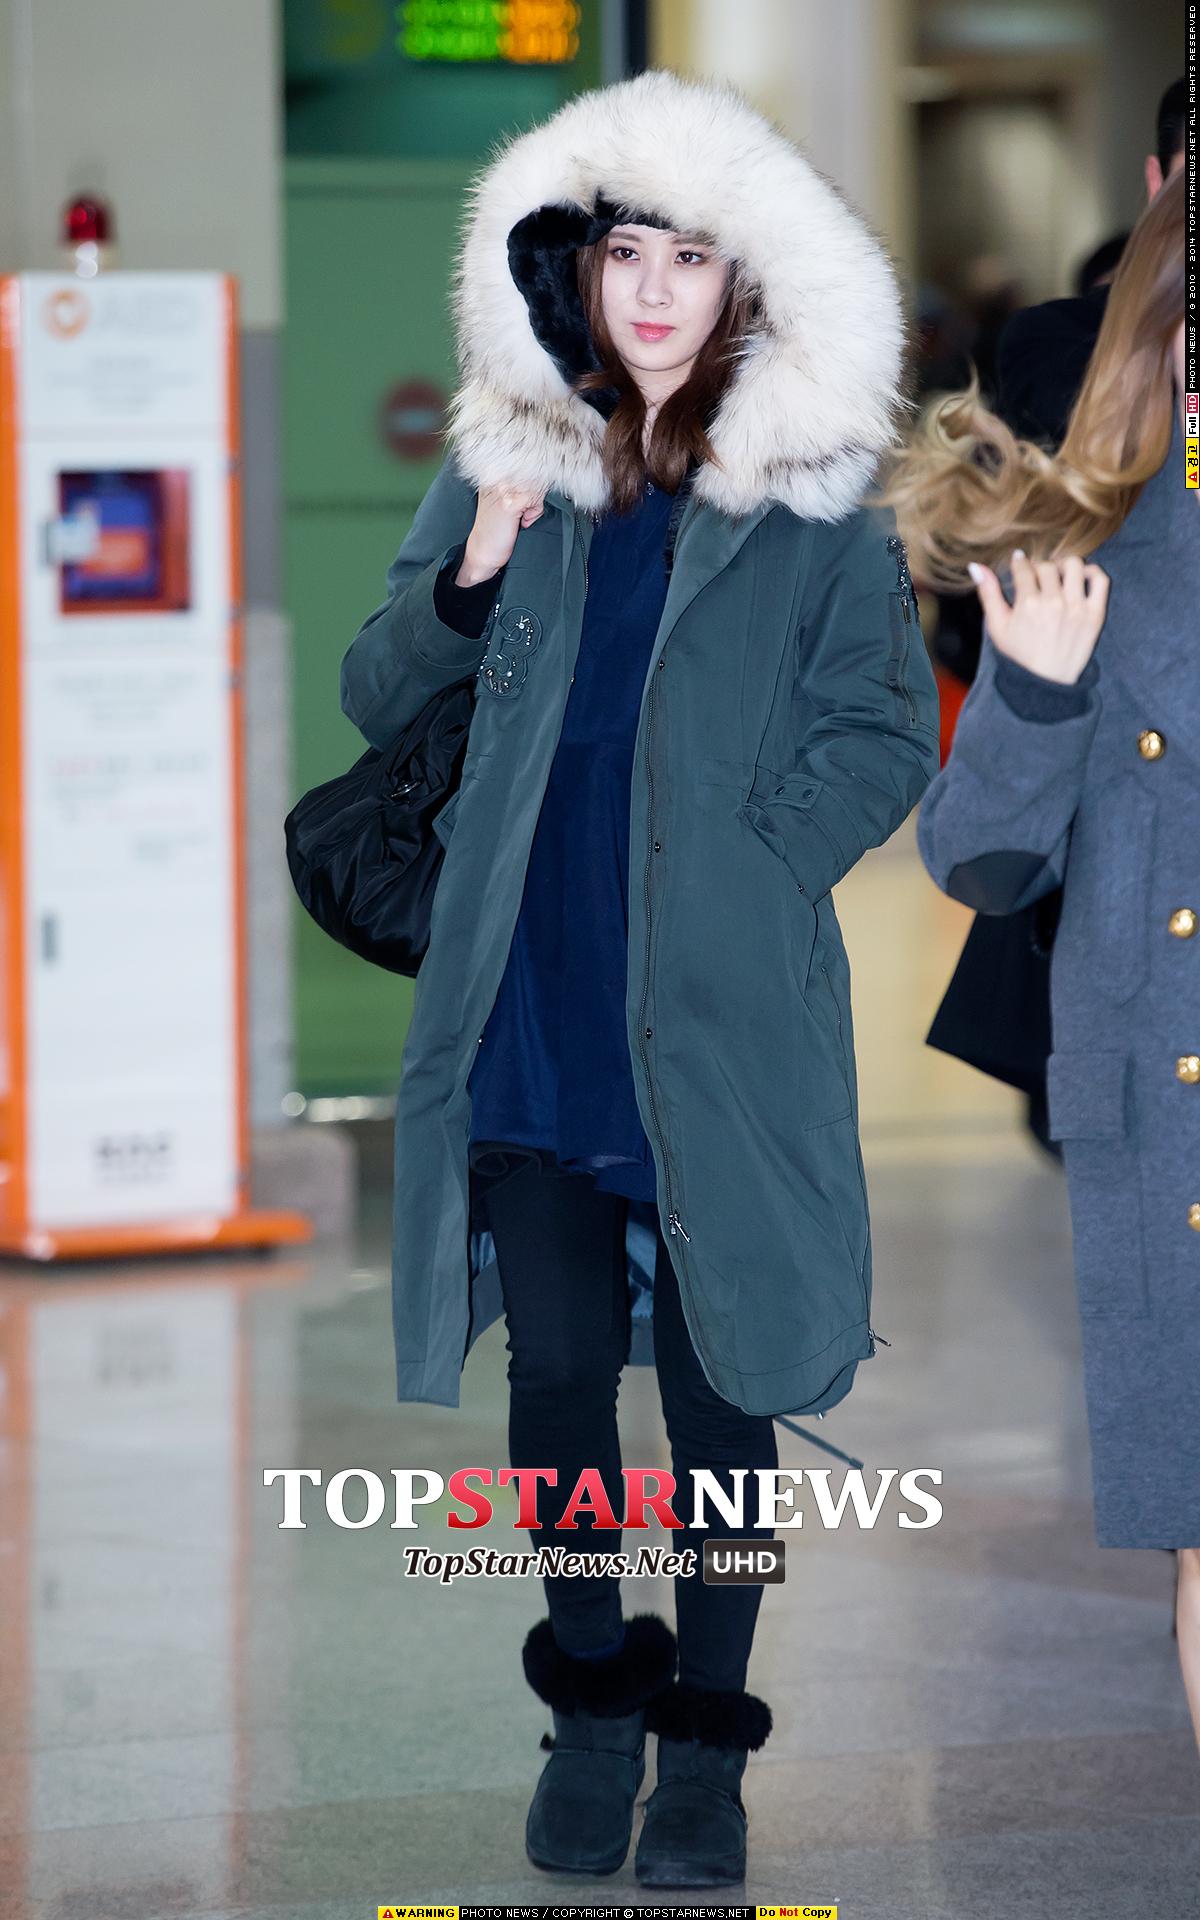 #2 大大大大帽子! 徐玄在機場的穿搭展現了十足的冬天保暖術!大帽子的連帽外套,除了可愛還有很多優點呢!